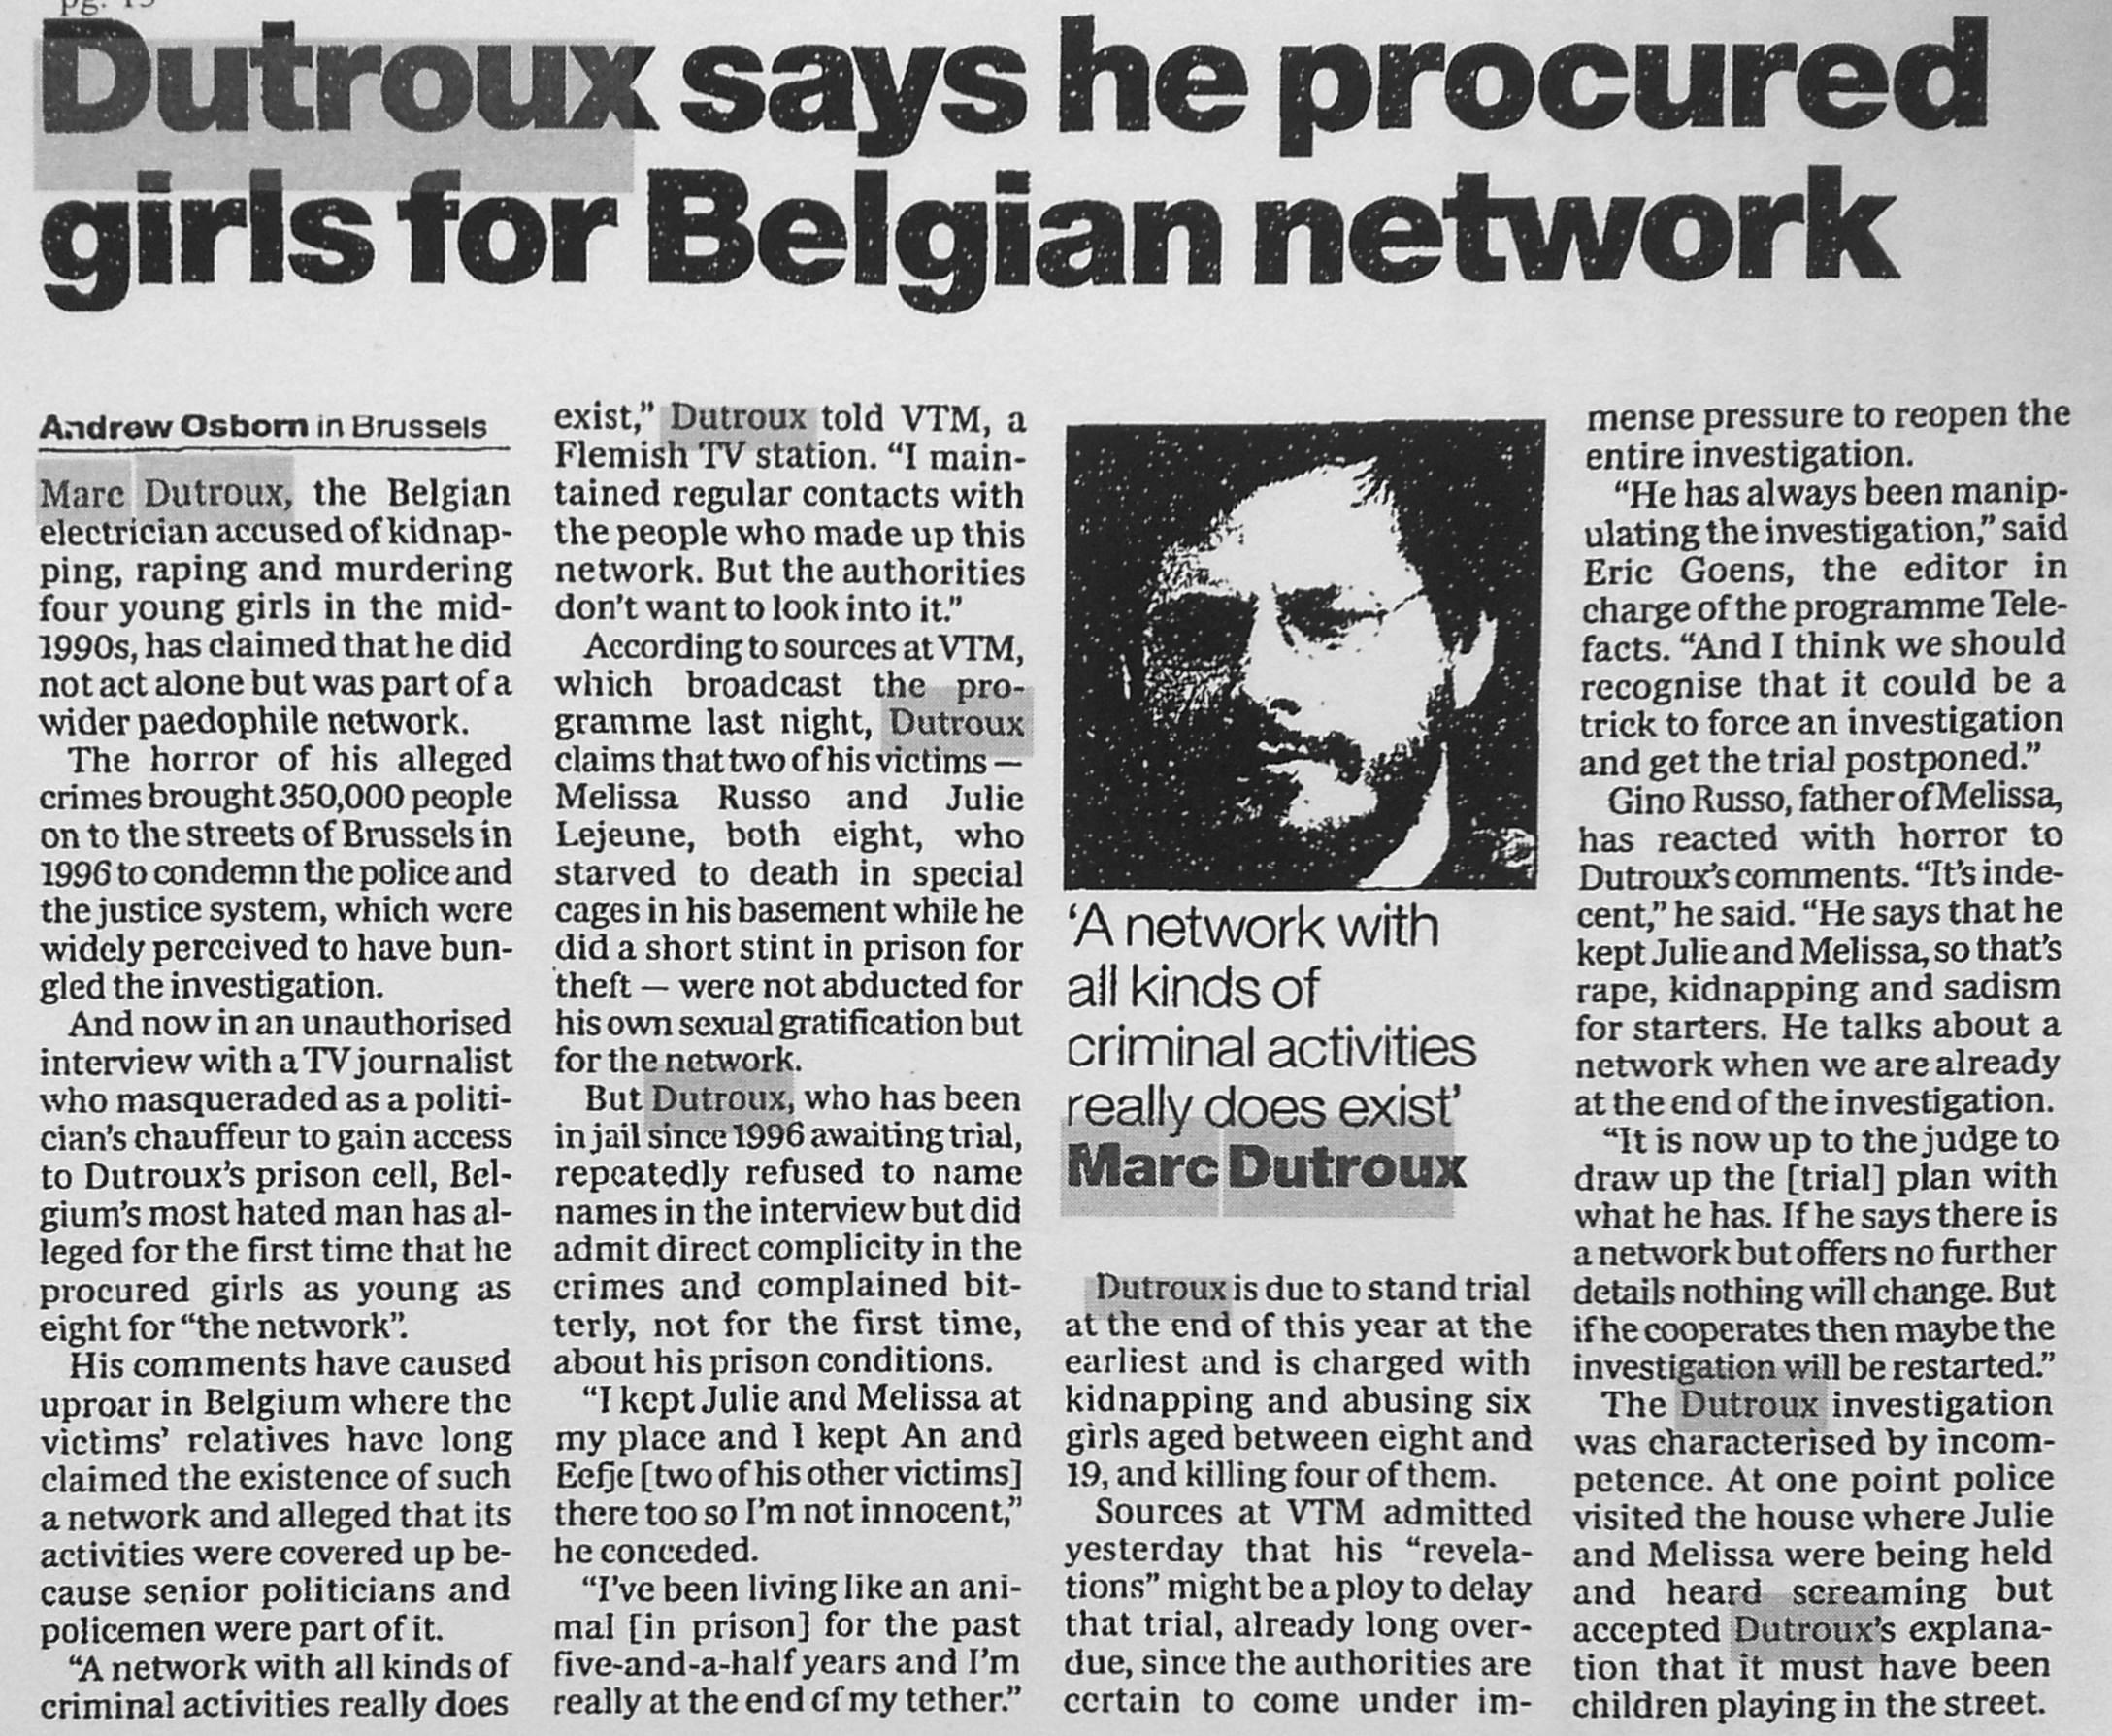 80% van de Belgen gelooft niet dat het officiële verhaal in de Dutrouxzaak volledig is. Diverse Europese kranten en tijdschriften schreven over zijn betrokkenheid bij een internationaal pedonetwerk en het verband met andere misbruikzaken zoasl de verdwijning van Manuel Schadwald.